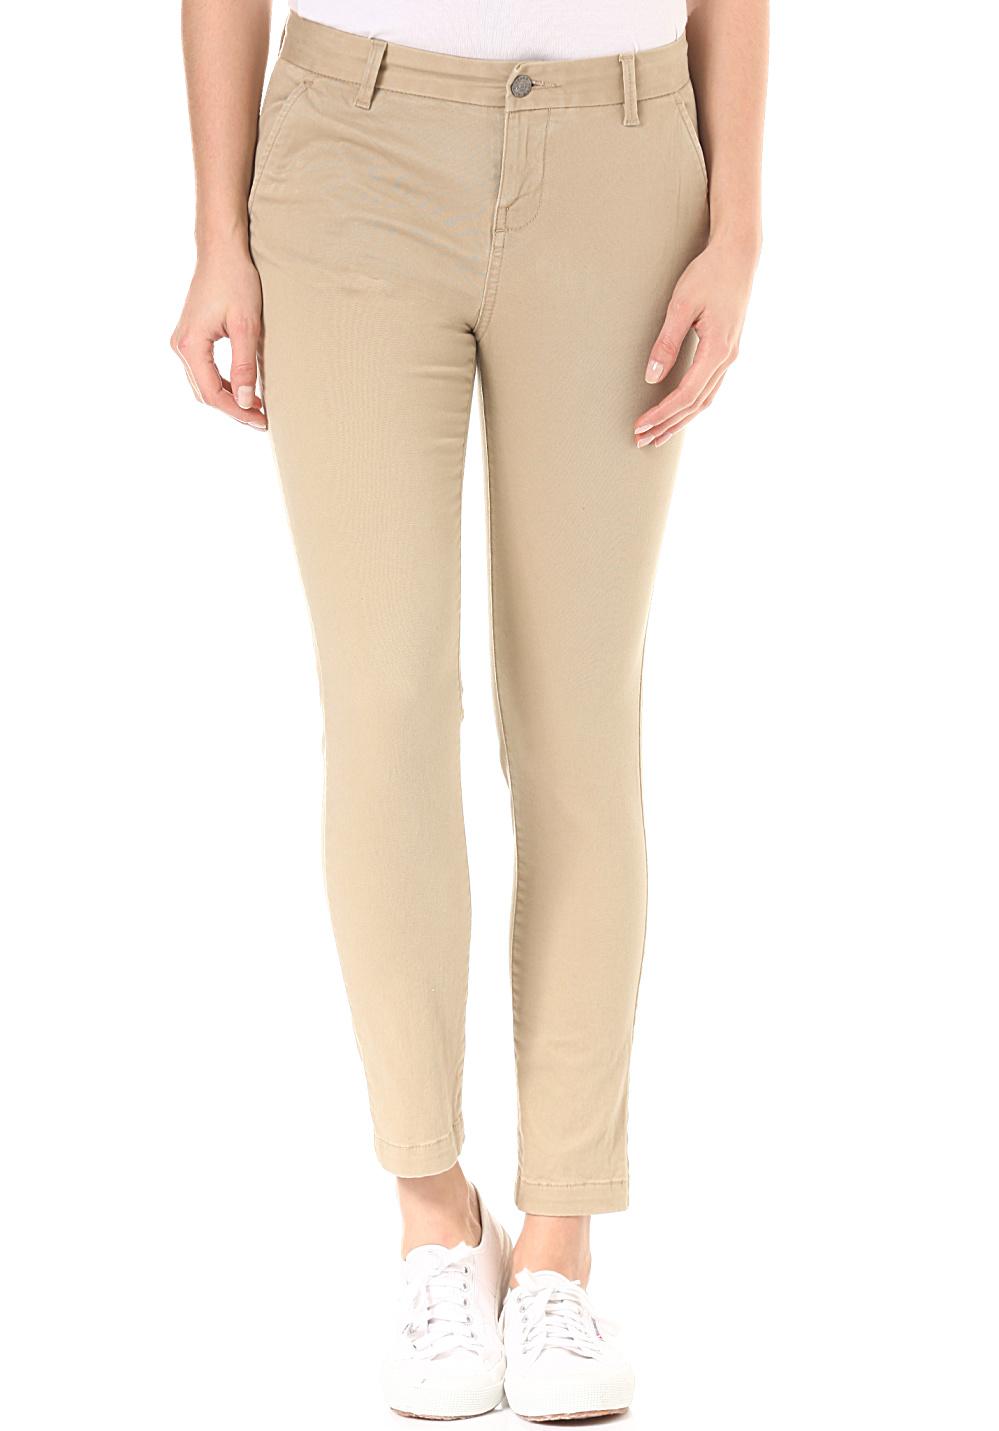 element-keith-pantalon-en-tissu-femmes-beiges